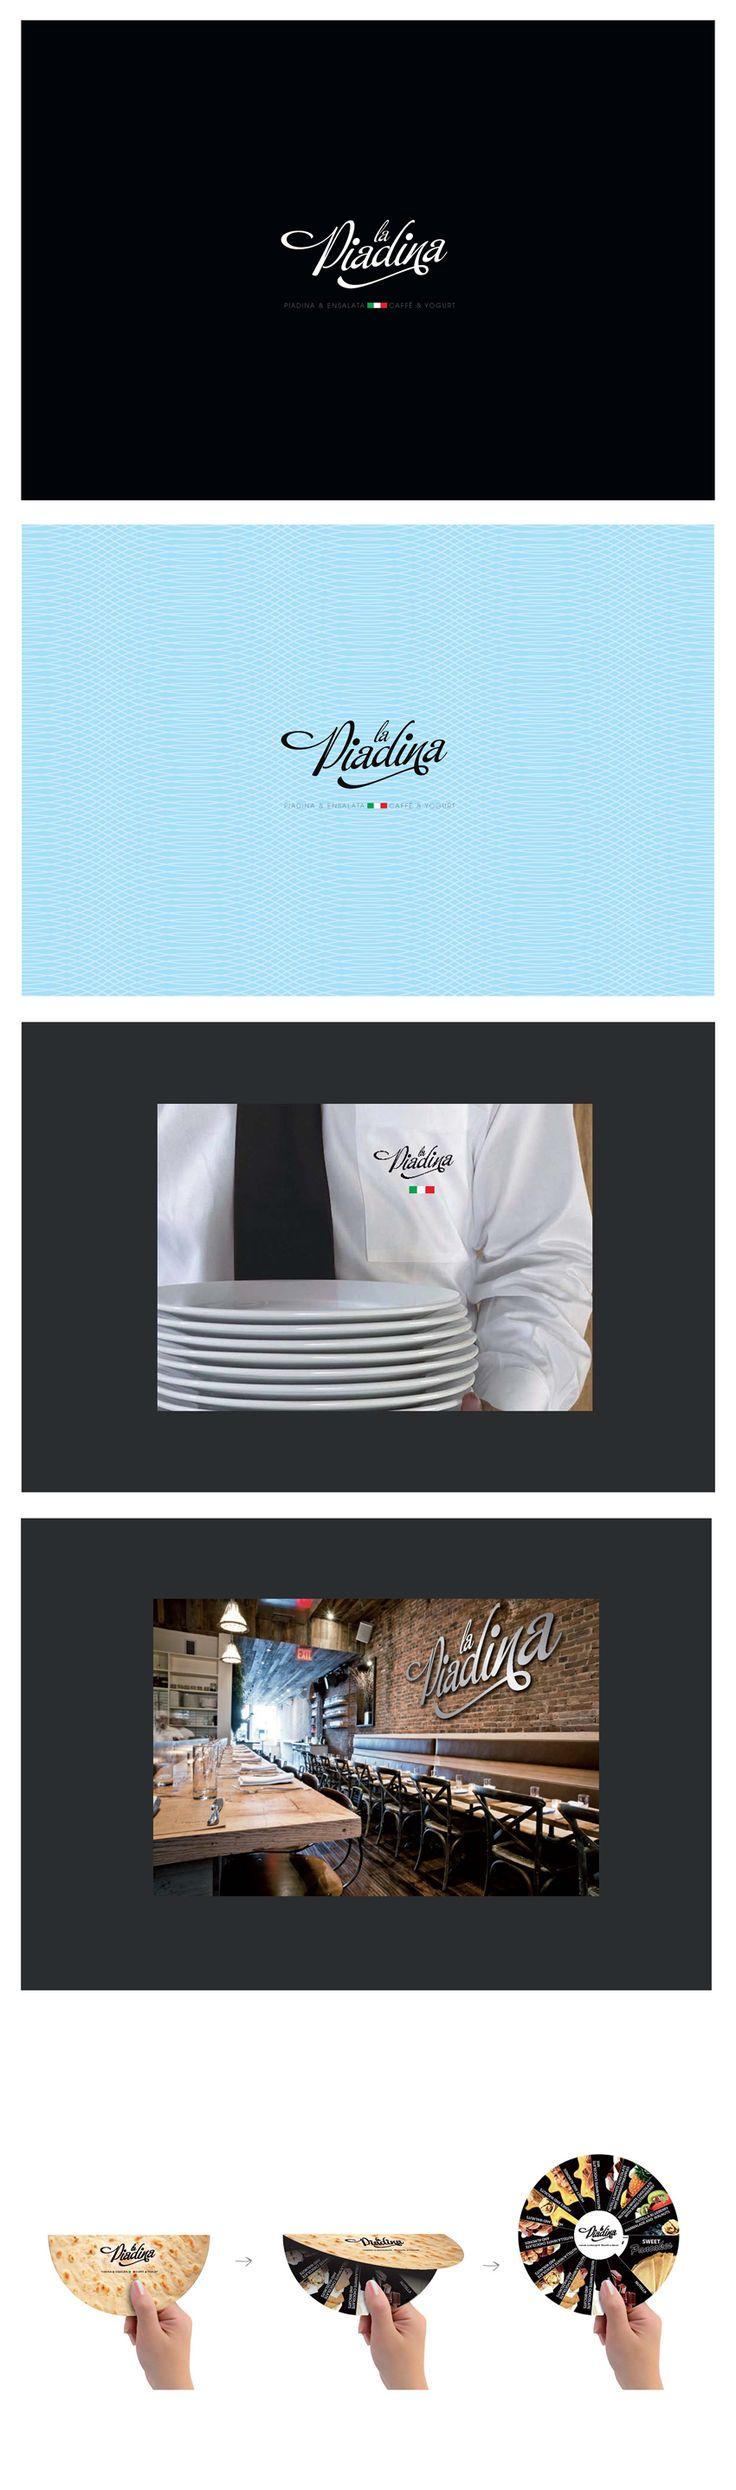 Un nuevo concepto de restaurante italiano necesitaba que todo, desde el logo hasta la carta, fuese realmente original sin dejar de llevarnos al producto.